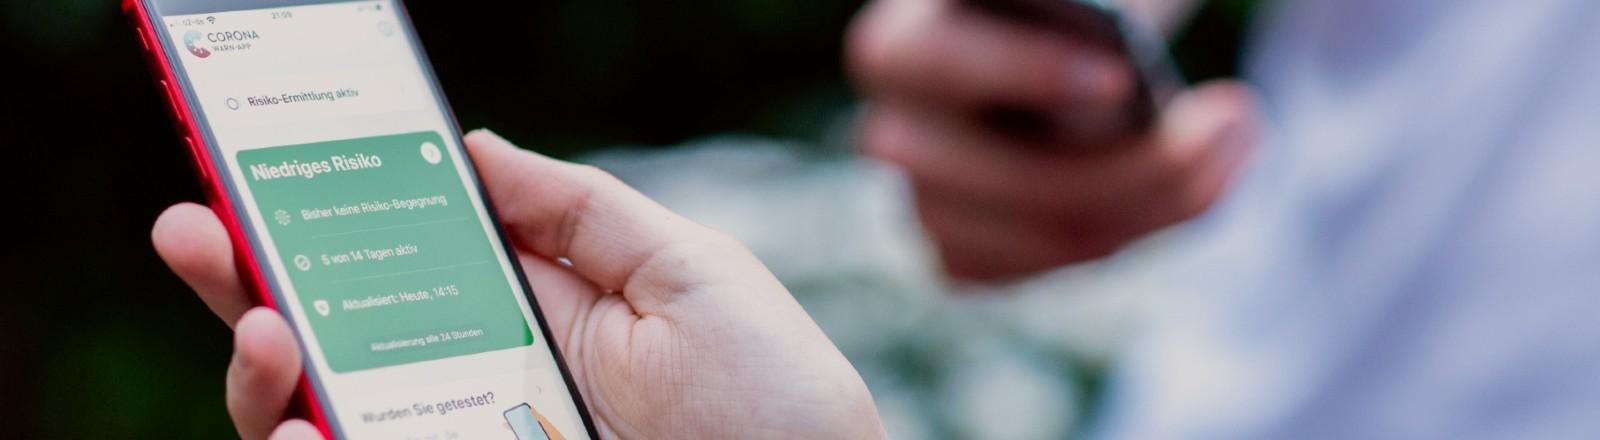 Zwei Menschen halten jeweils ein Smartphone mit der Corona-Warn-App in der Hand